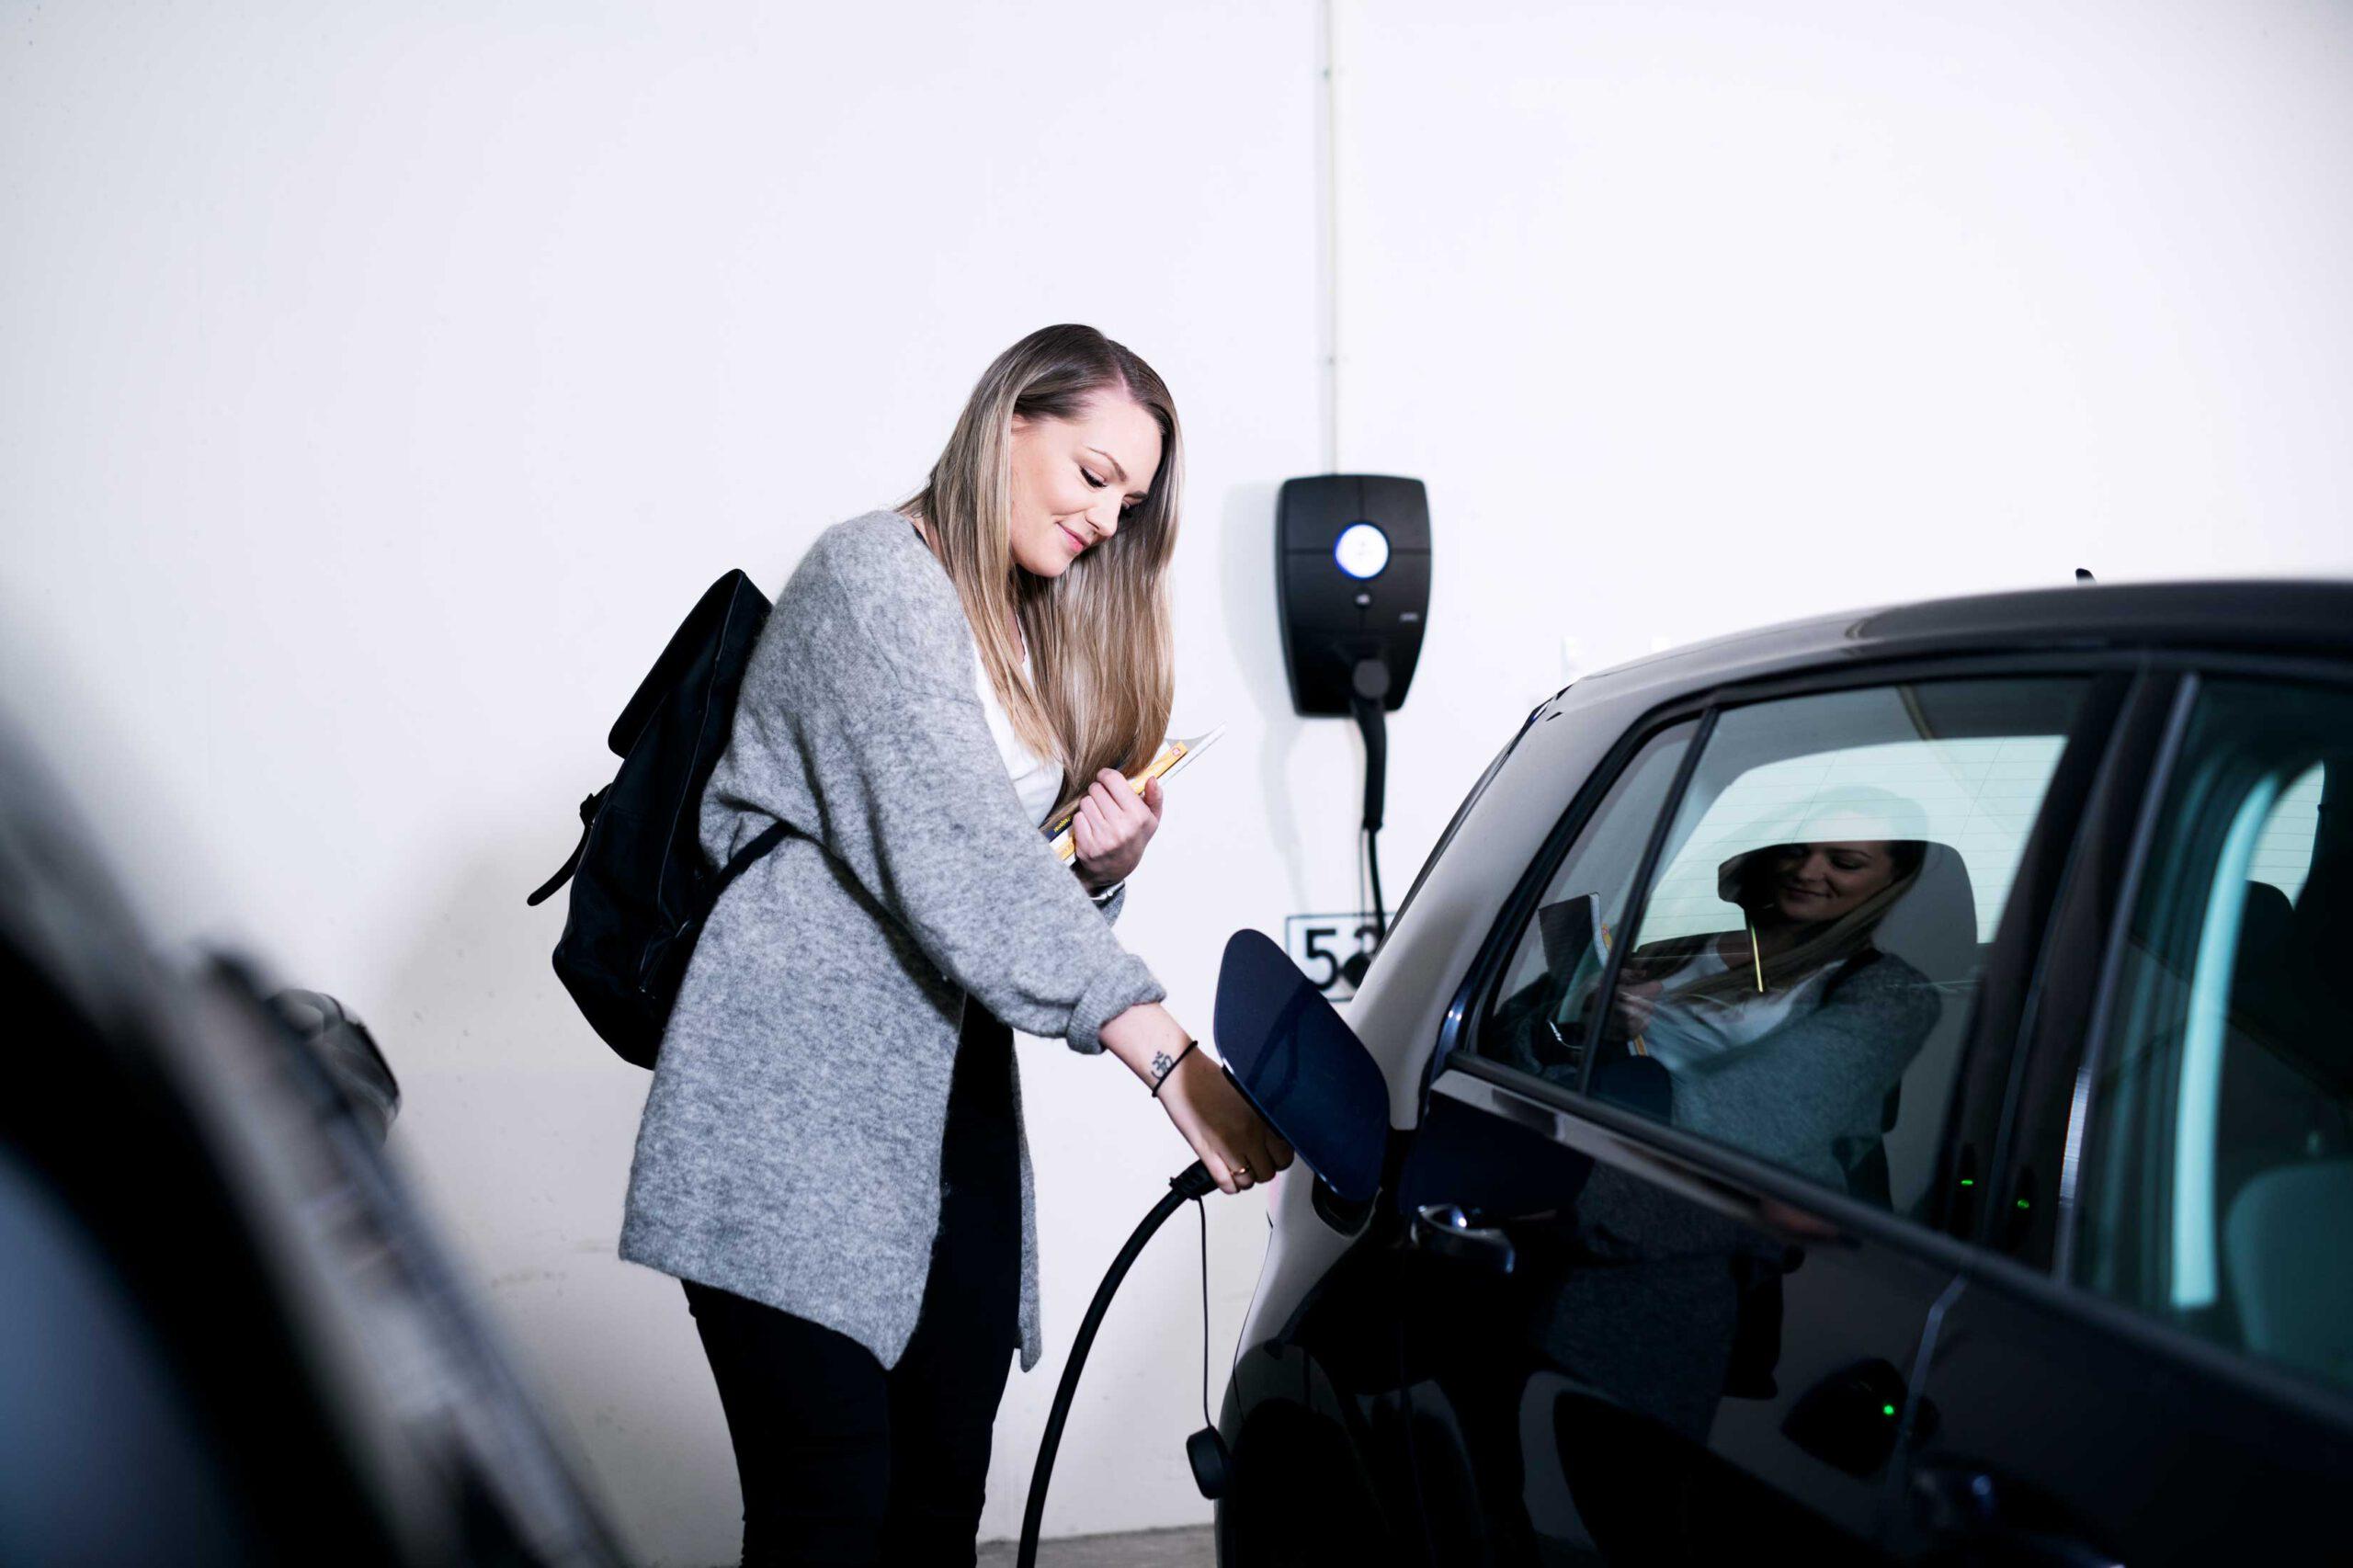 Qcharge Eleqtron factsheet veilig opladen in parkeergarages met Vereniging DOET